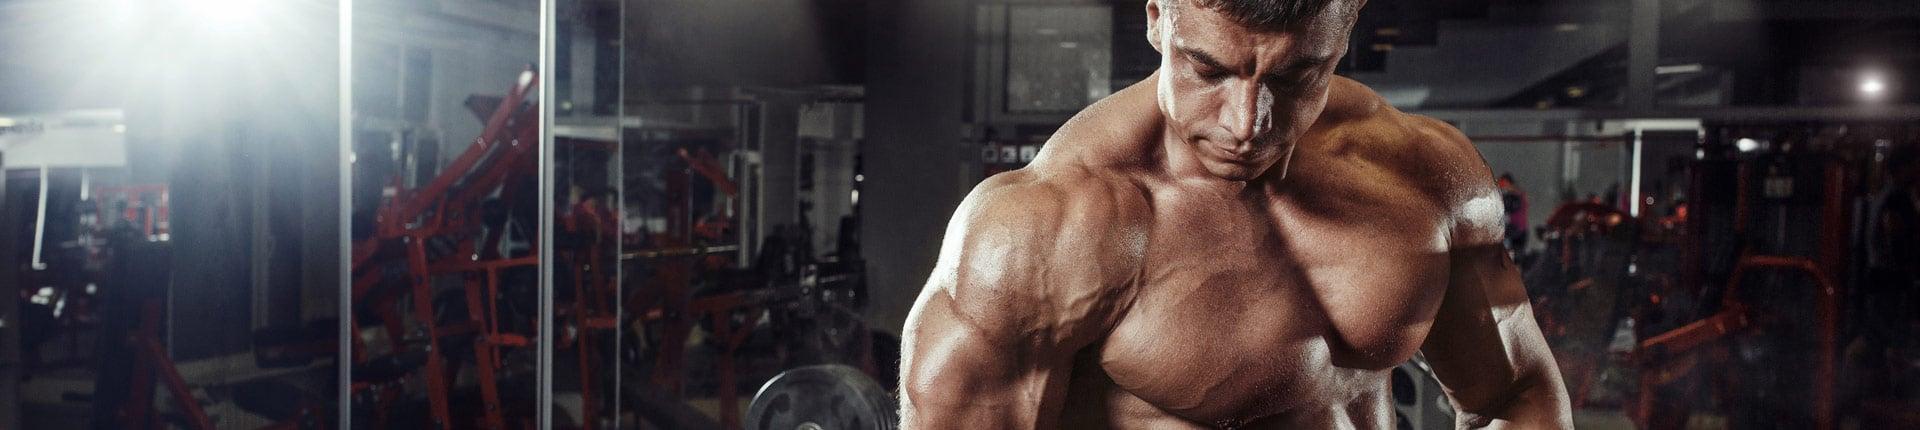 Trening funkcjonalny czy siłownia - co lepsze?